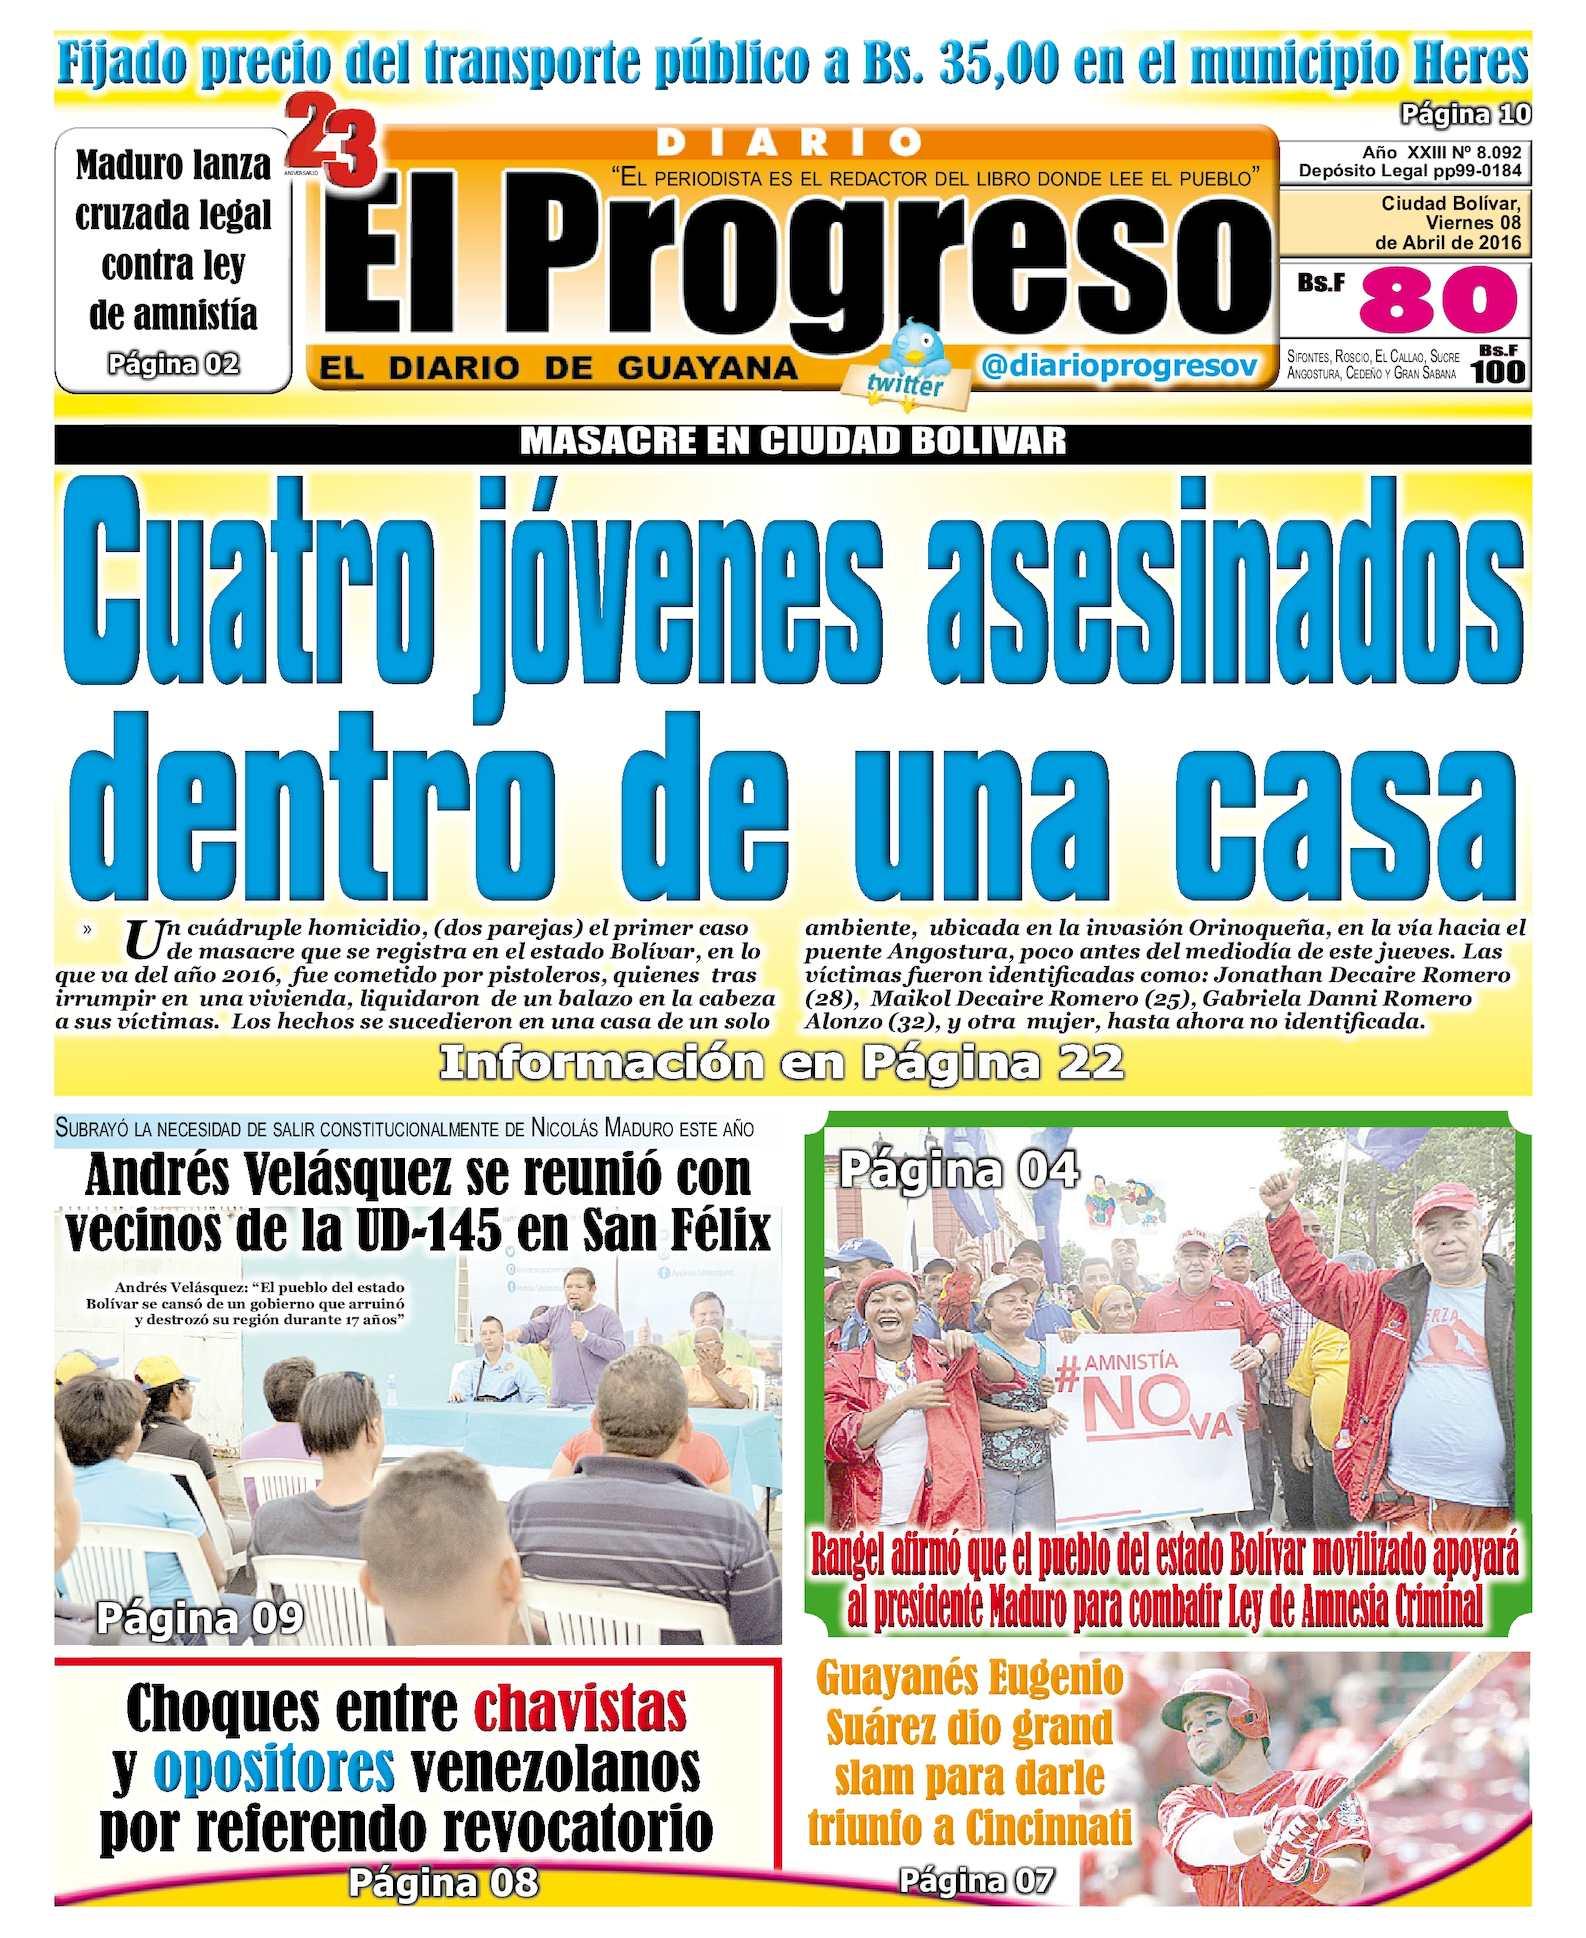 Calaméo - DiarioelprogresoEDICIÓNDIGITAL 08-04-2016